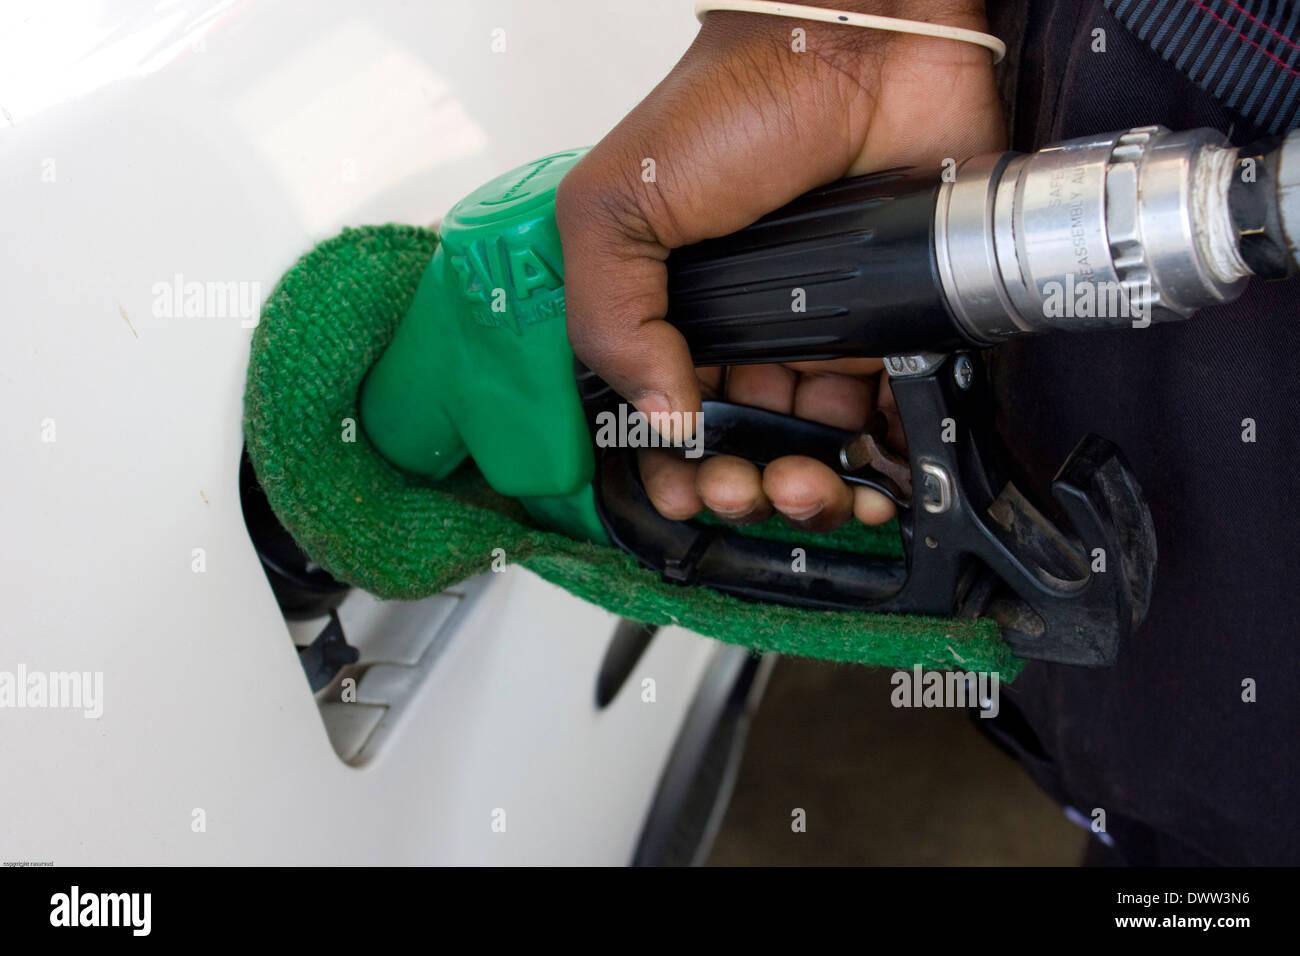 Ein Beschützer, hergestellt aus einem speziellen Stoff verhindert Kratzer, wenn ein Kraftstofftank füllen. Stockbild